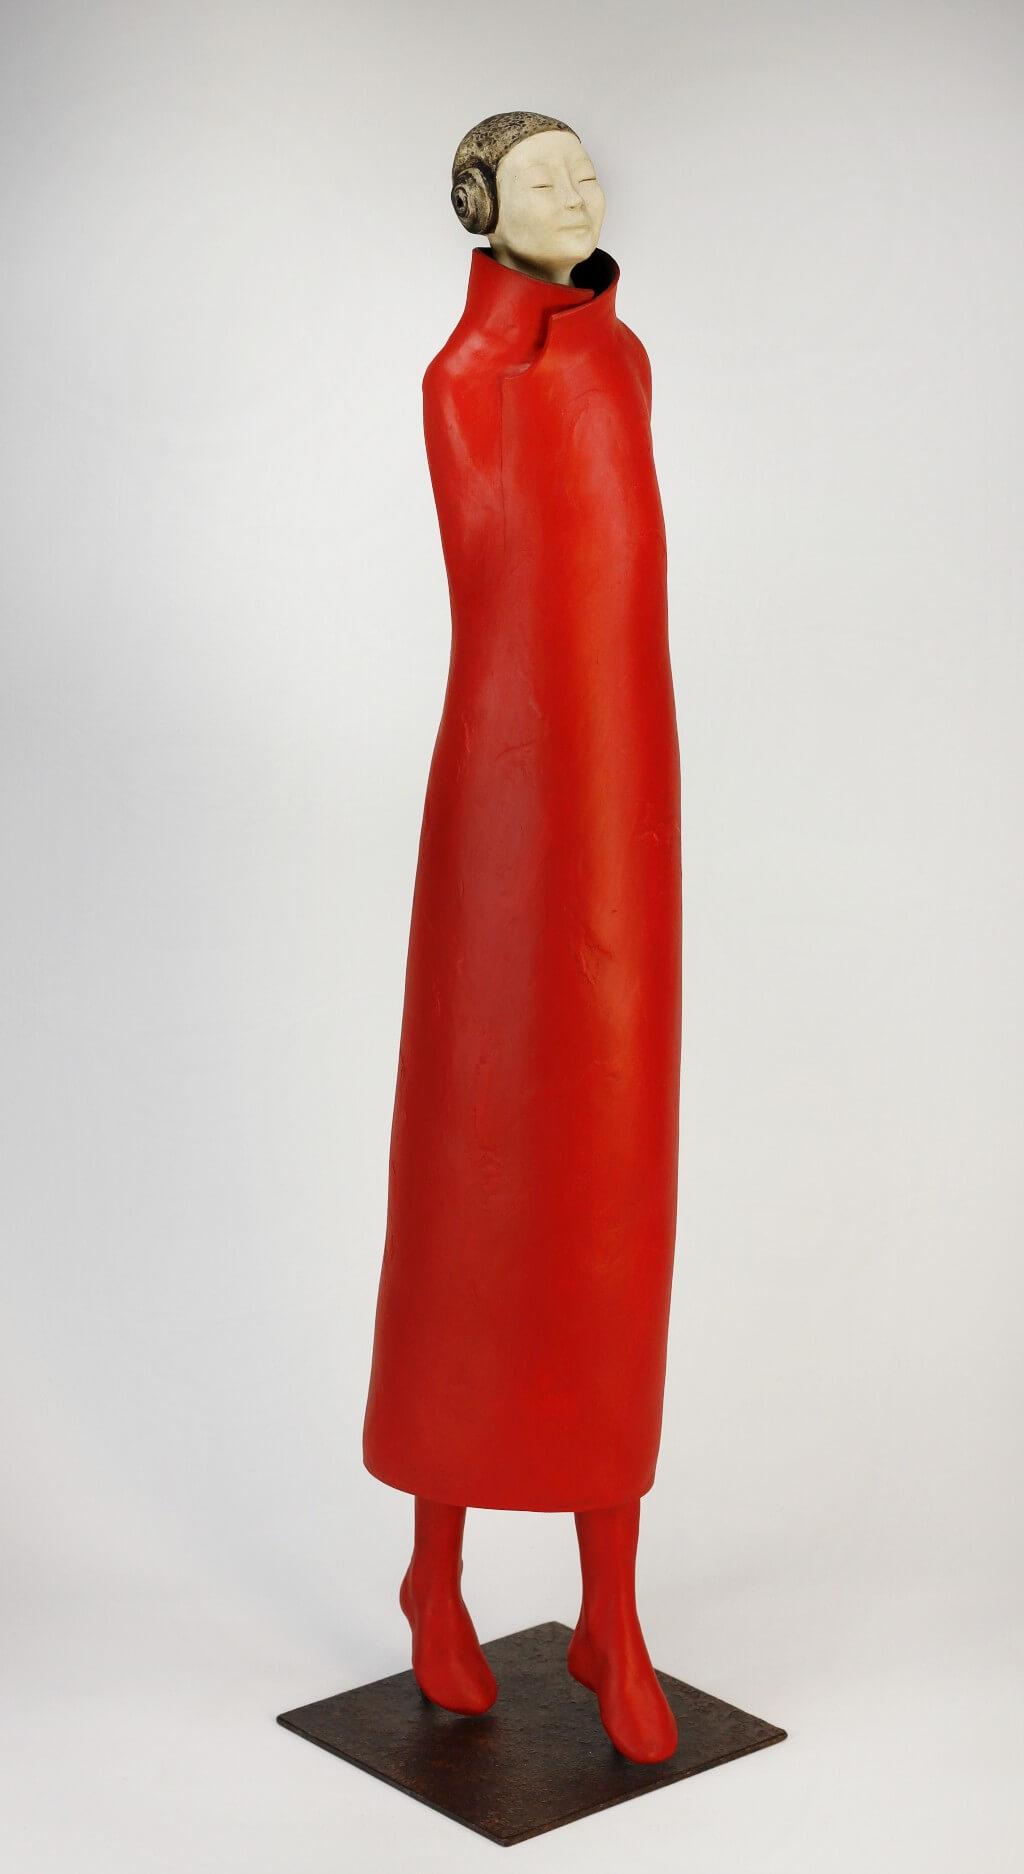 personnage vertical tunique rouge